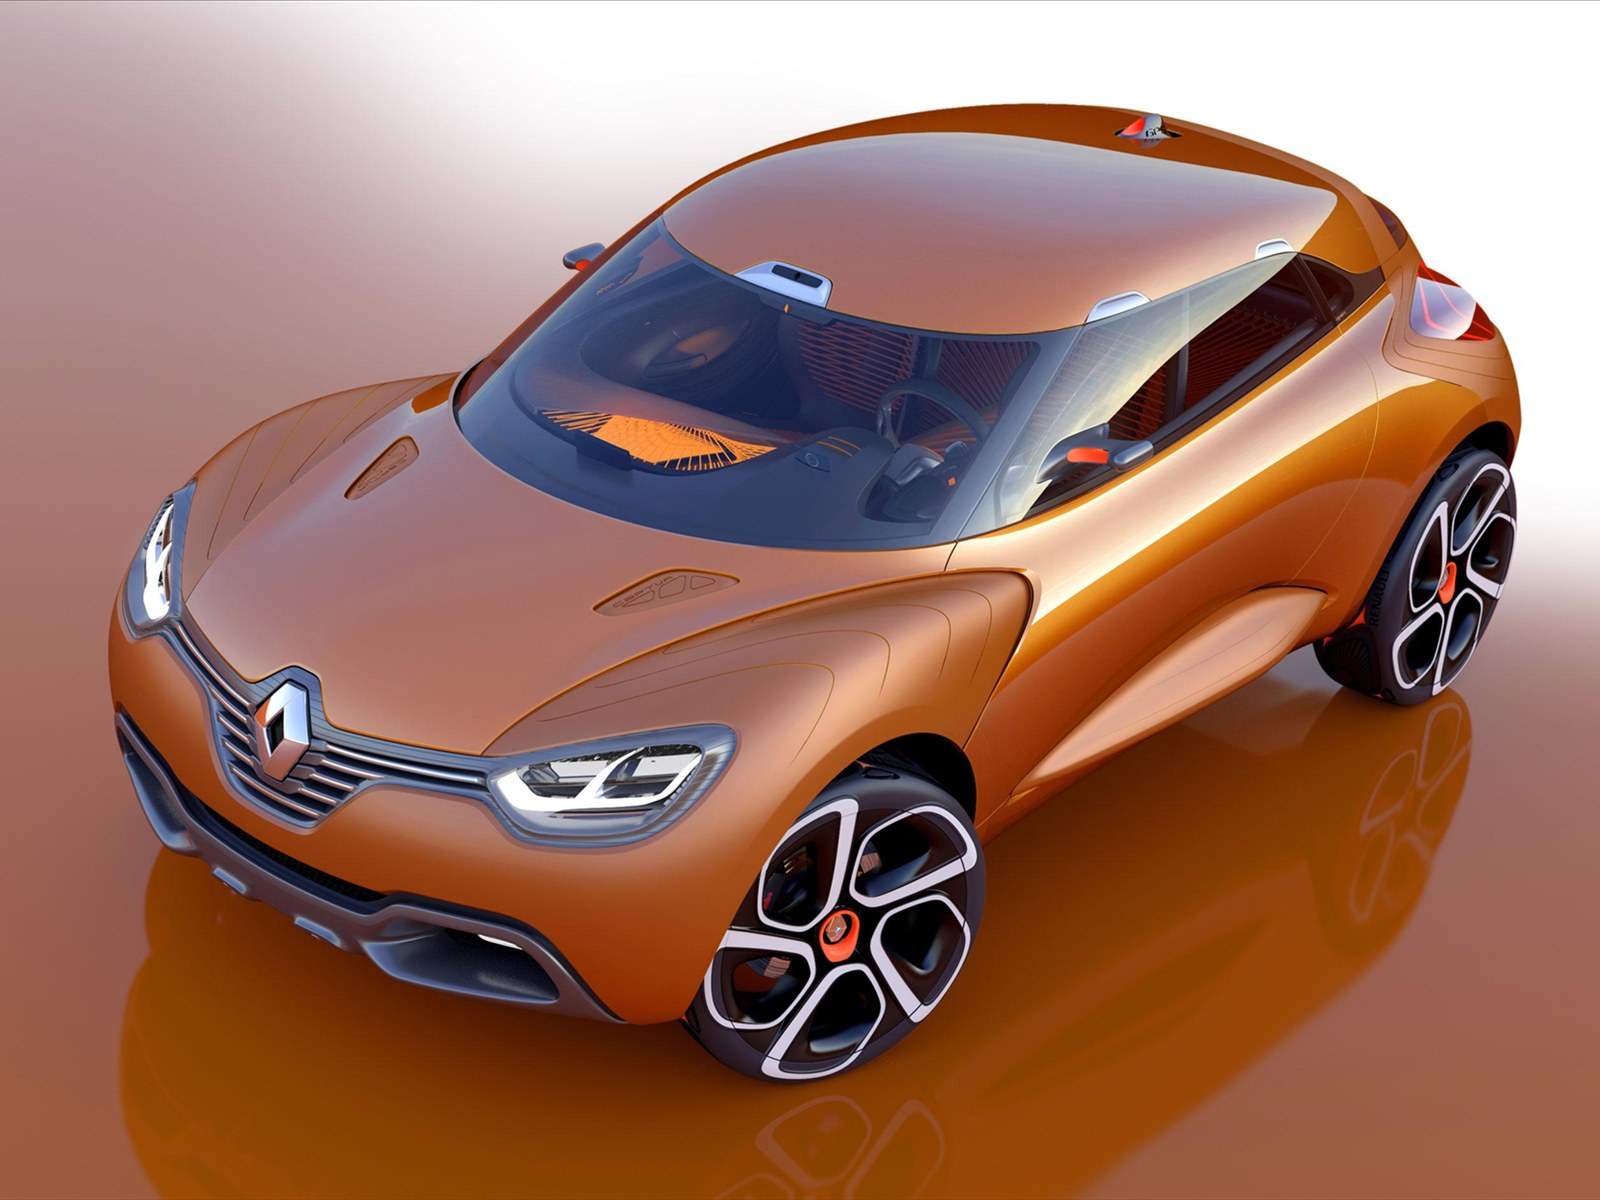 http://1.bp.blogspot.com/-juNtXplcXdM/TcwNMSq2JMI/AAAAAAAACpI/hPbQM1nGNFs/s1600/Renault+CAPTUR+Concept+2011+wallpaper.jpg